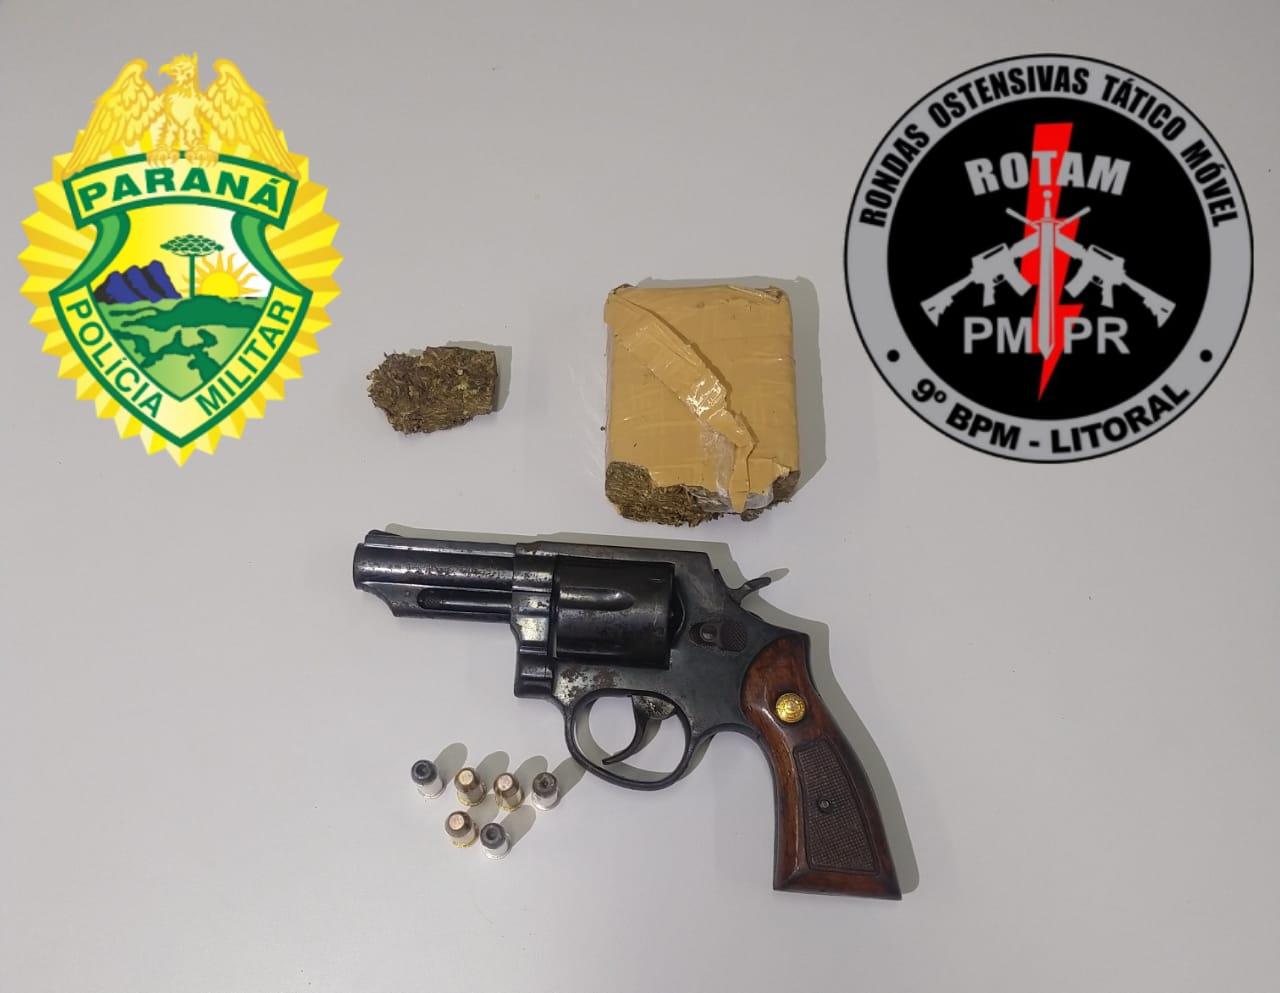 ROTAM apreende revólver e maconha na Vila São Jorge II